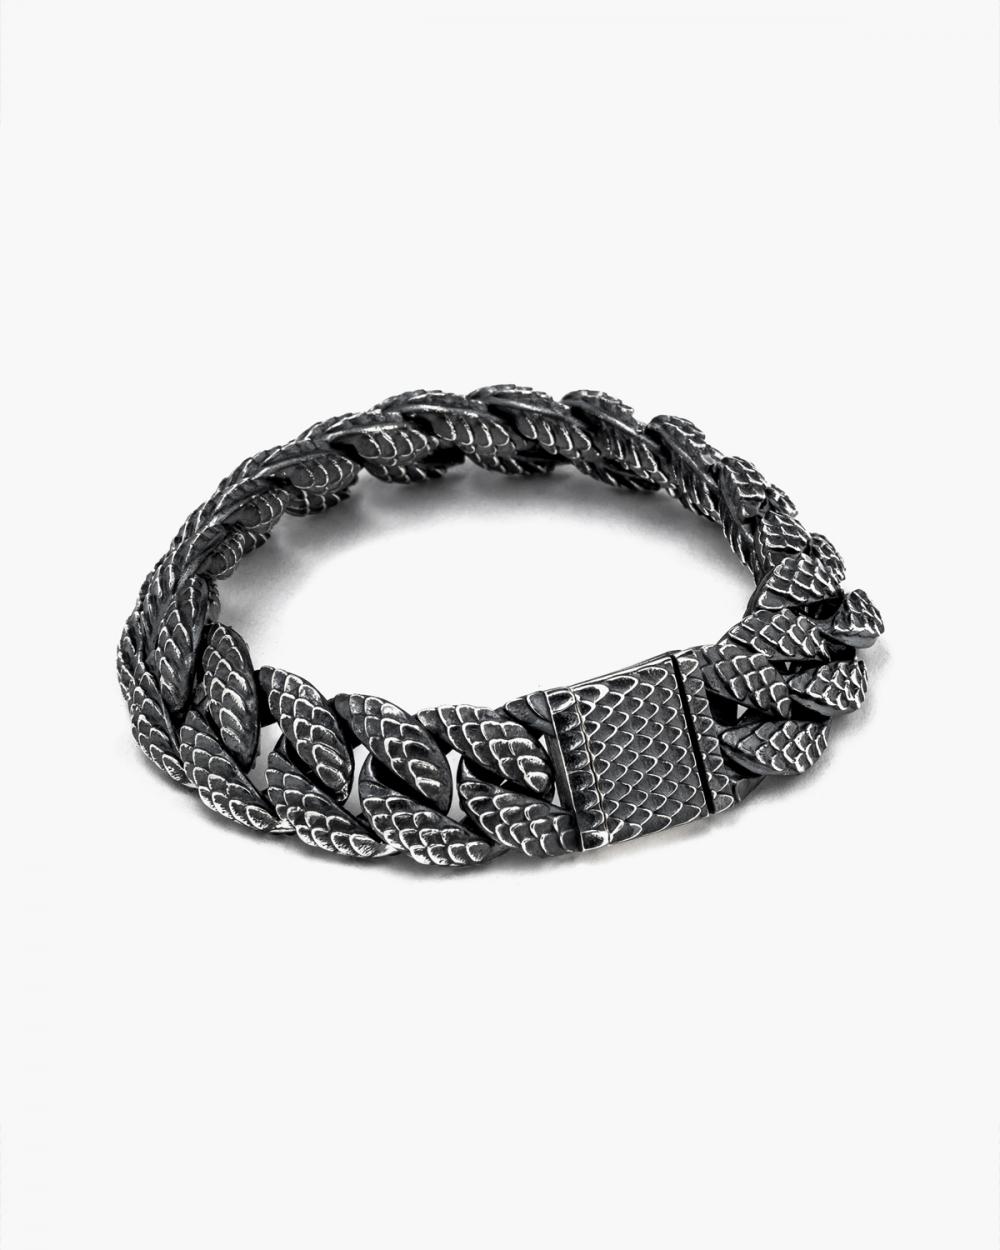 Bracelets ARMOUR CURB BRACELET NOVE25